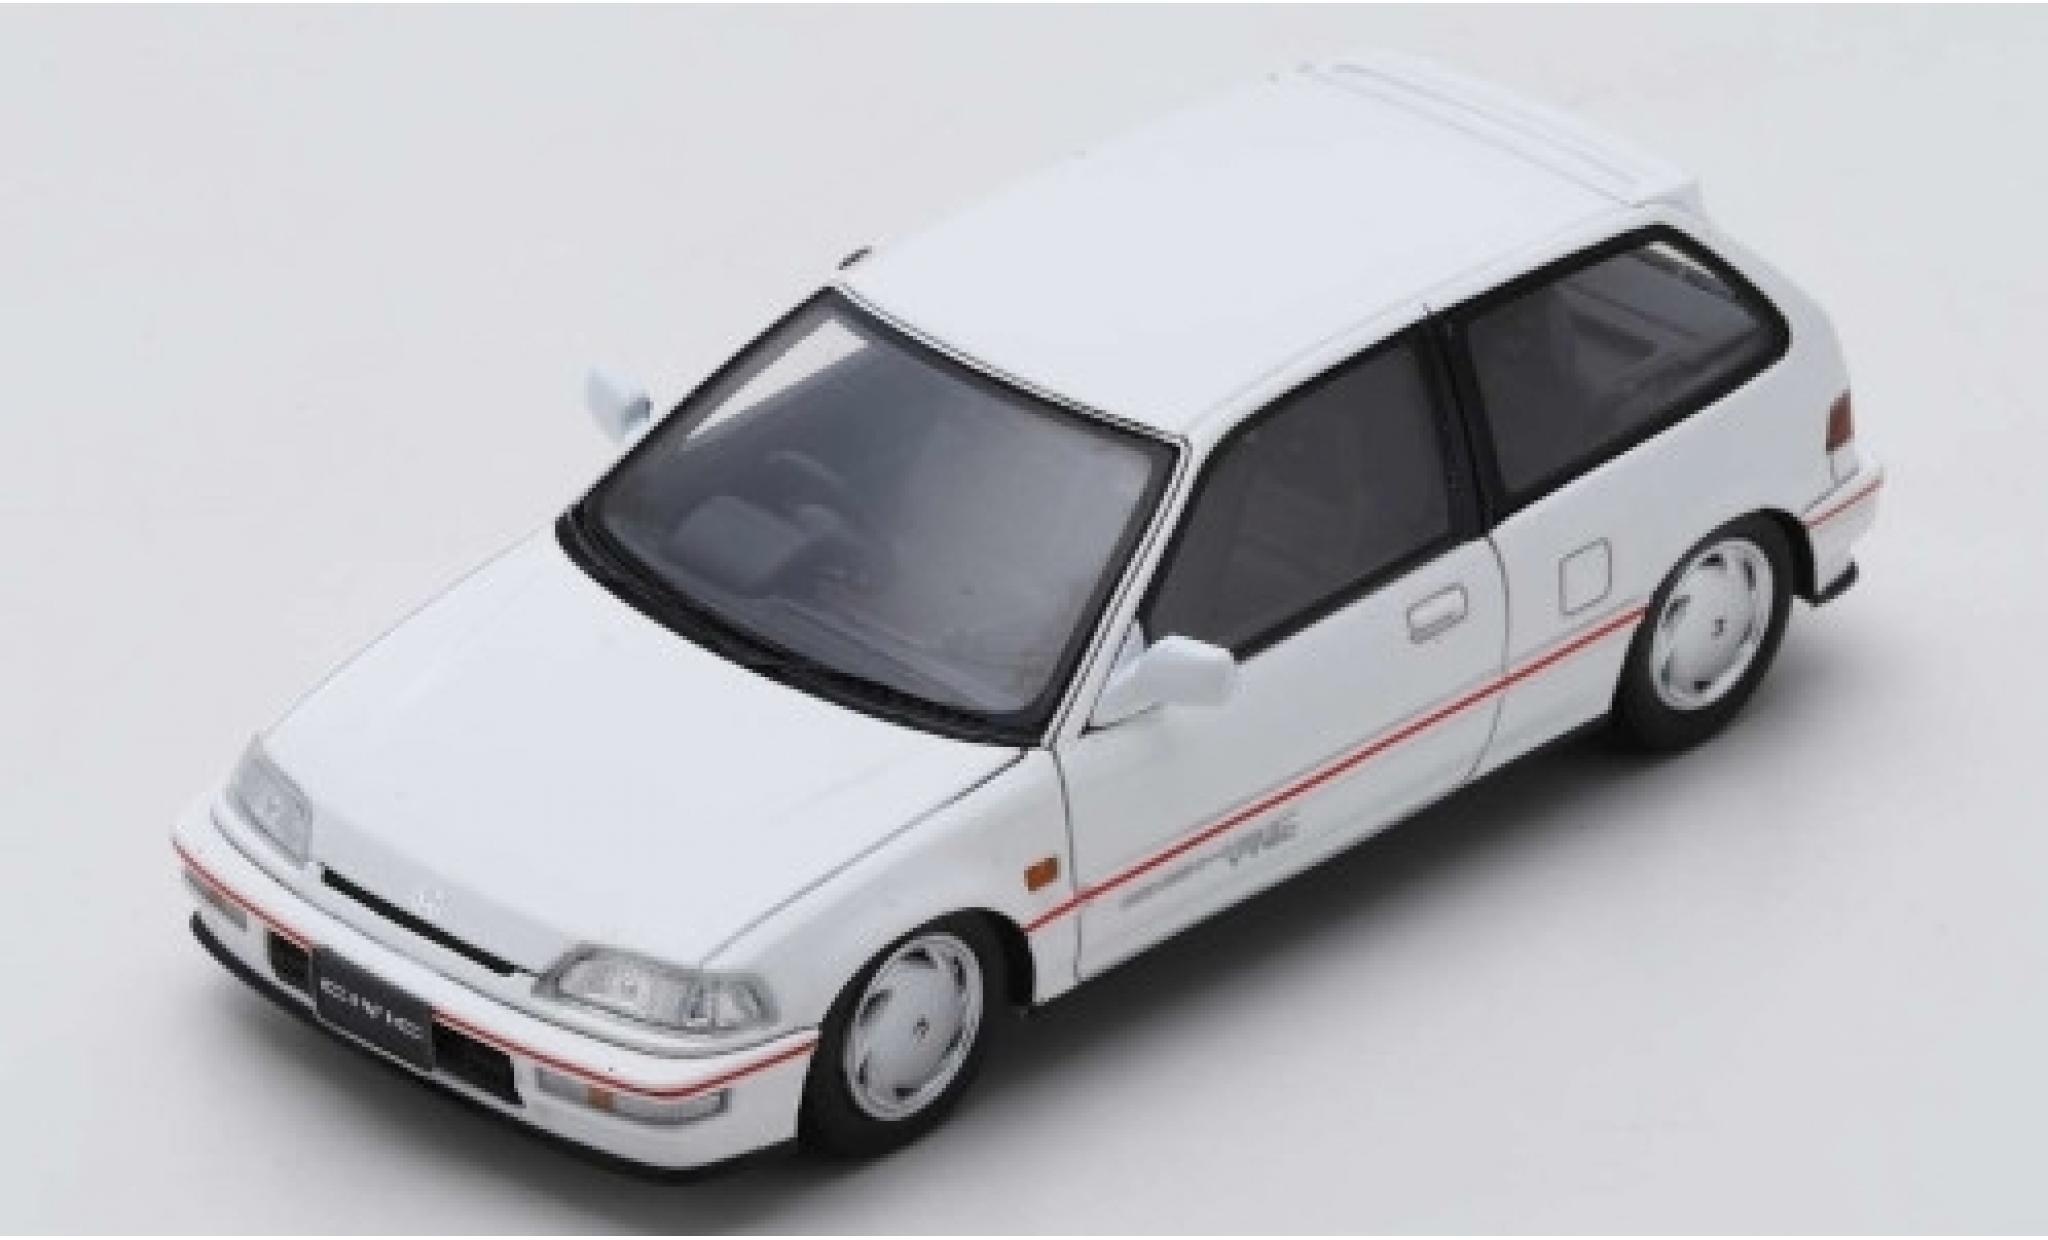 Honda Civic 1/43 Spark (EF9) SiR white RHD 1990